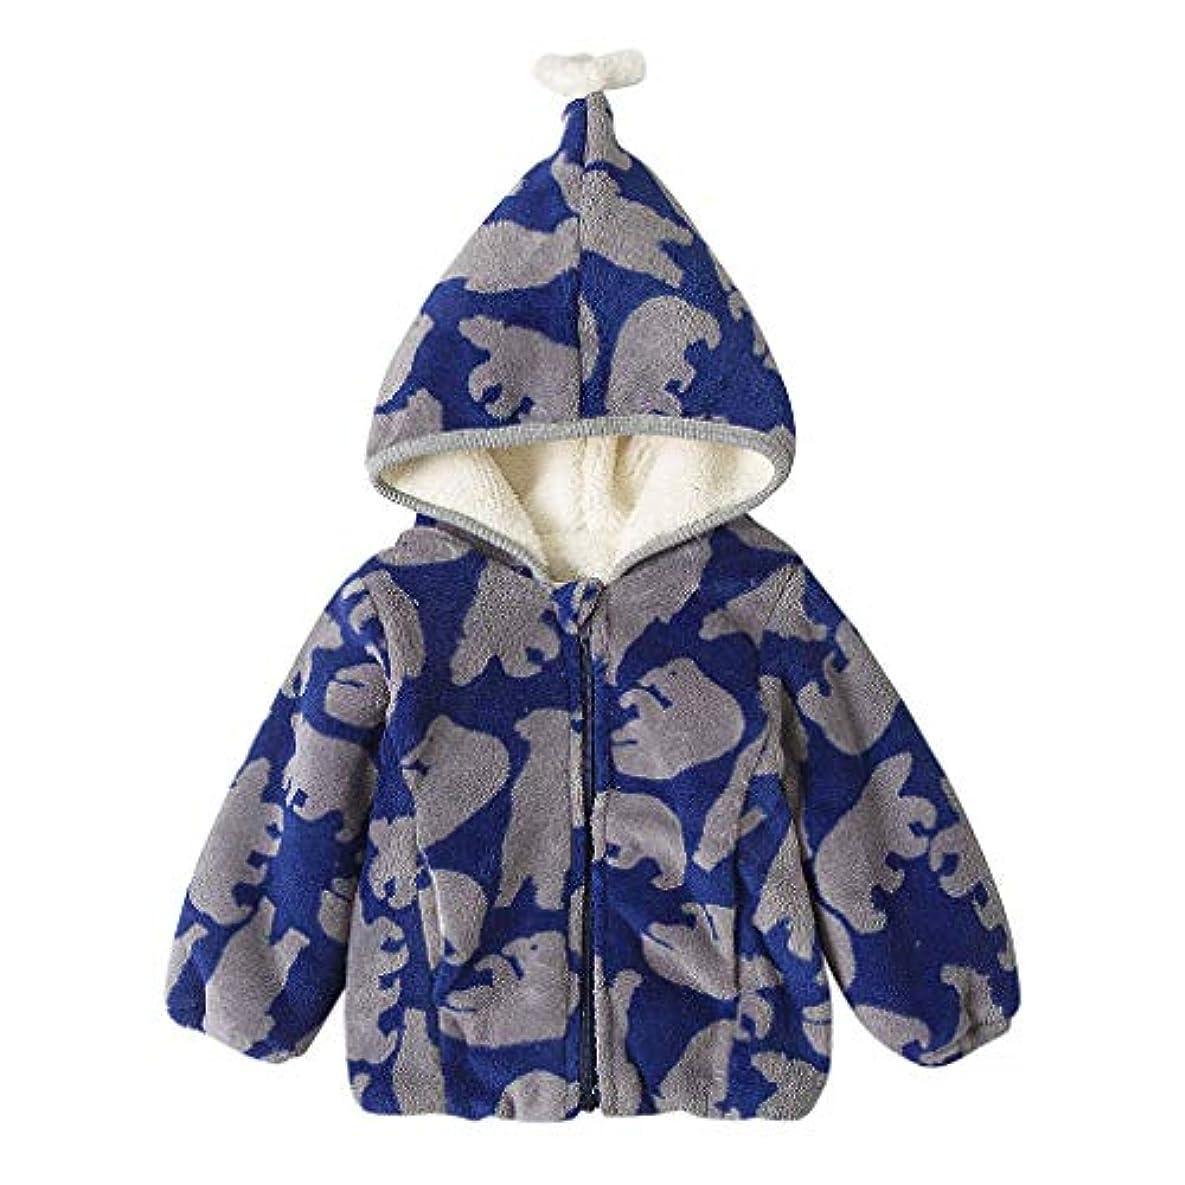 屈辱する常にキウイかわいい柄あたたかい男の子女の子赤ちゃん冬コートジャケット子供ジップ厚いスノースーツパーカーオーバーコート屋外かわいいルースソフト快適なブラウストップス